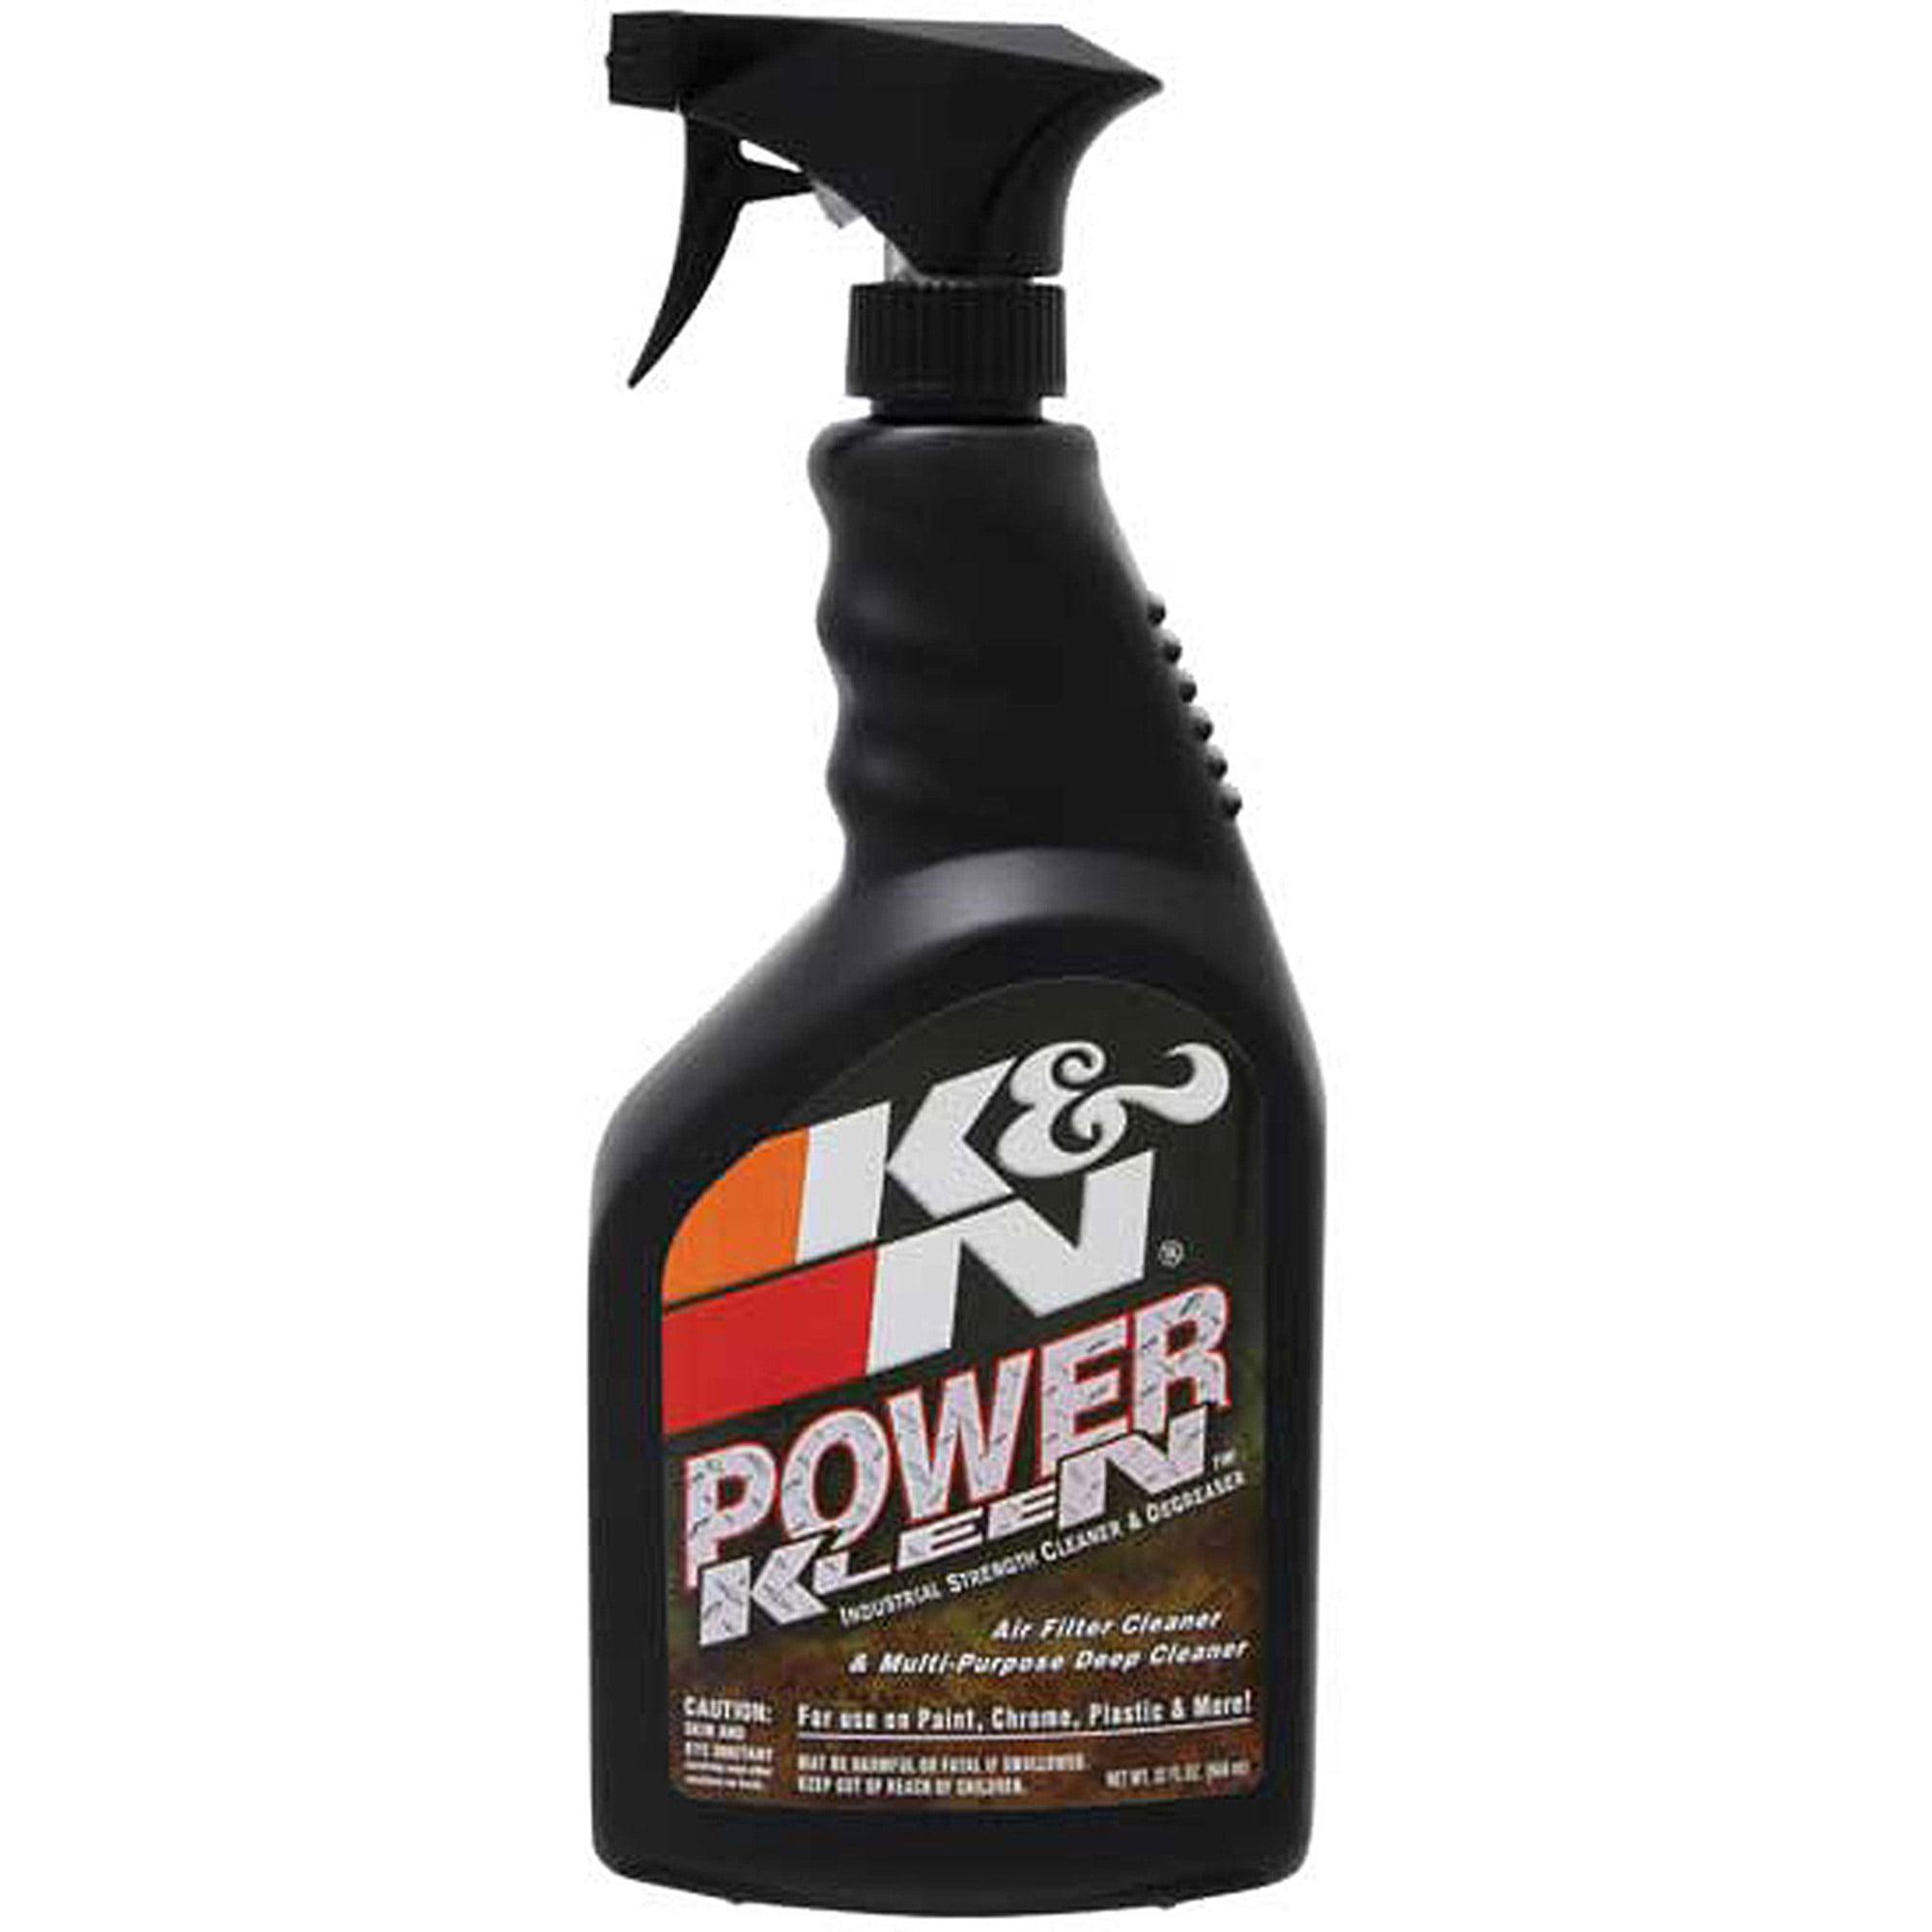 K&N Power Kleen Filter Cleaner 32 oz Trigger Sprayer